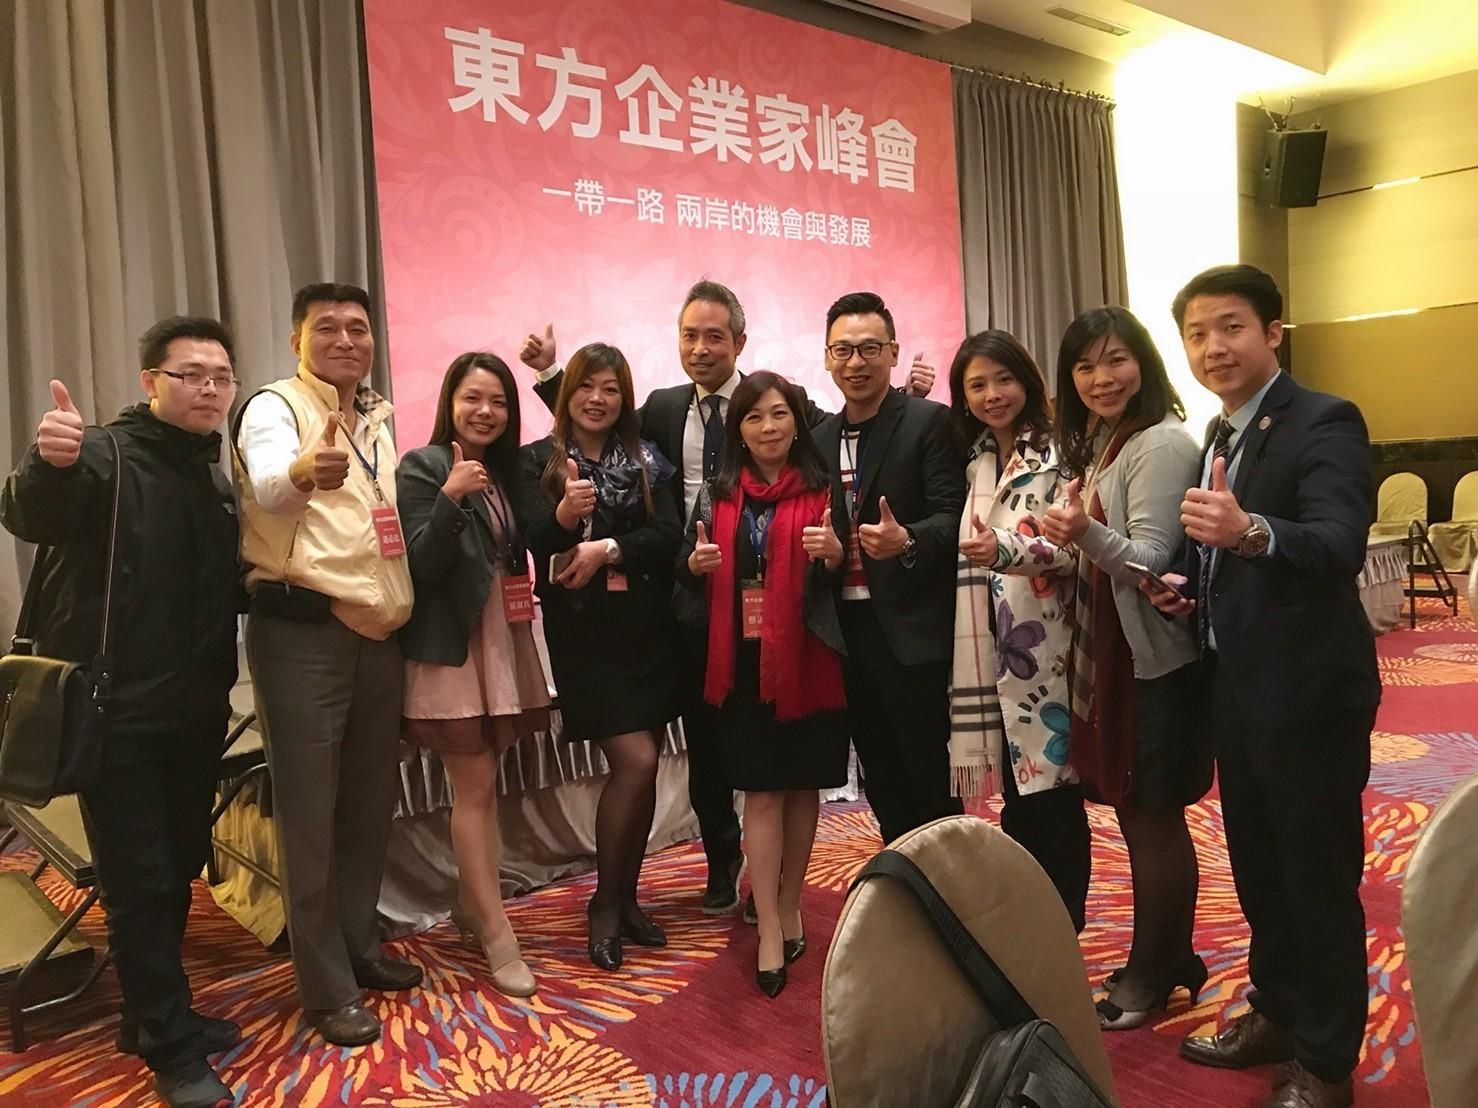 東方企業家峰會一帶一路